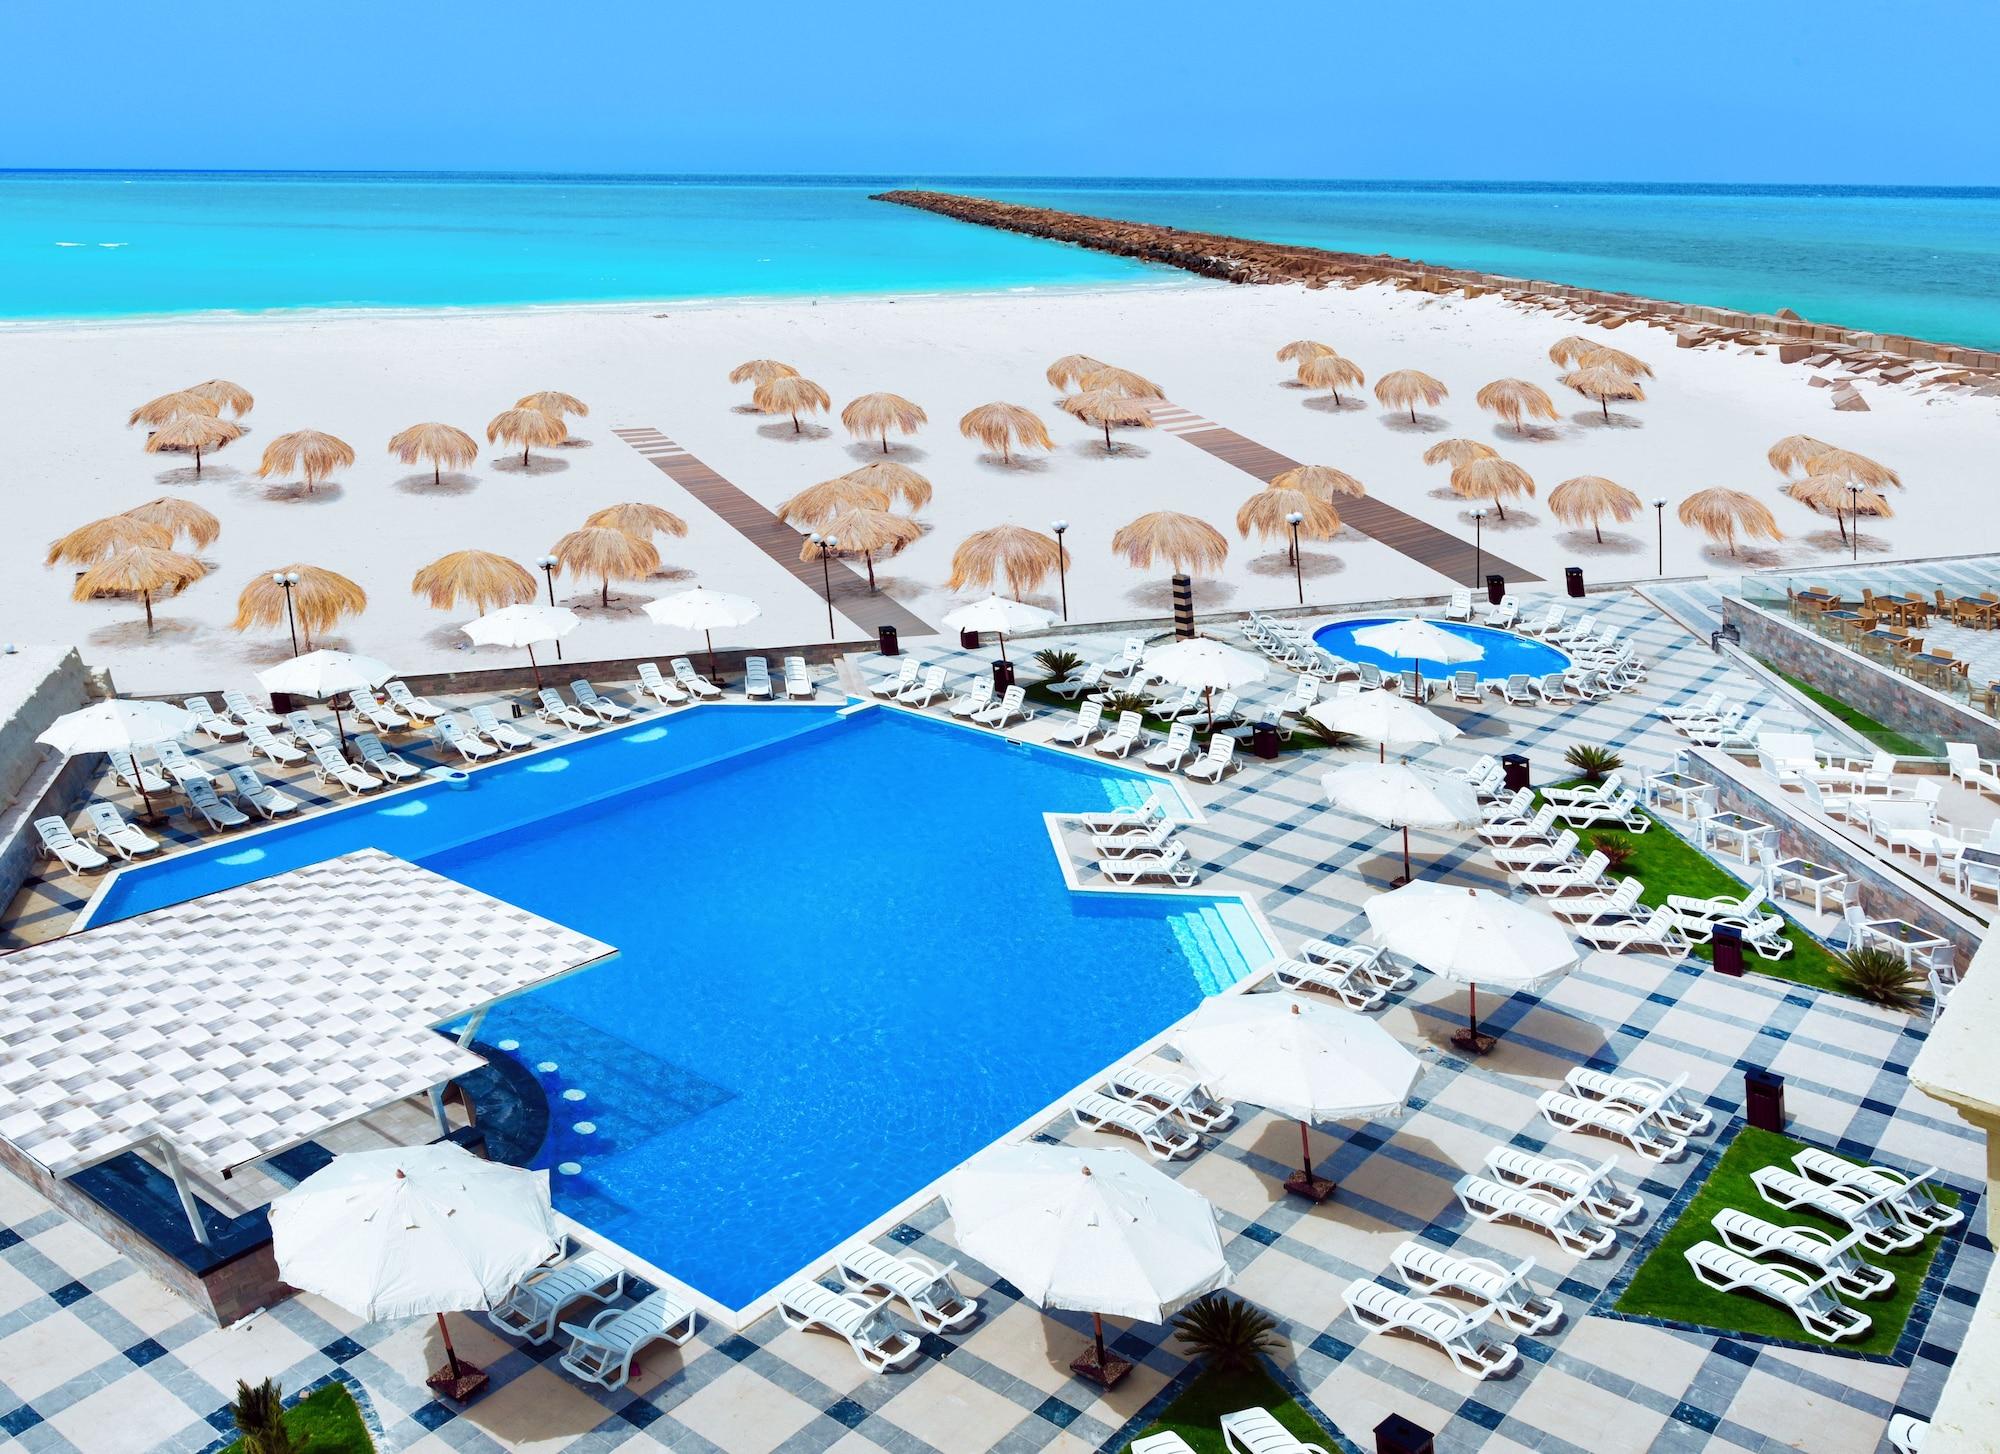 Hotelux La Playa Alamein, Marina al-'Alamayn as-Siyahiyah